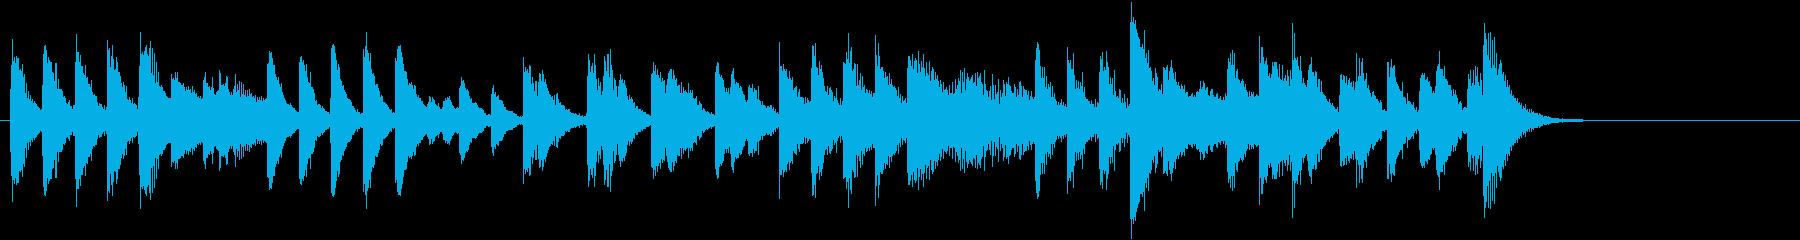 節分に!豆まきモチーフピアノジングルAの再生済みの波形